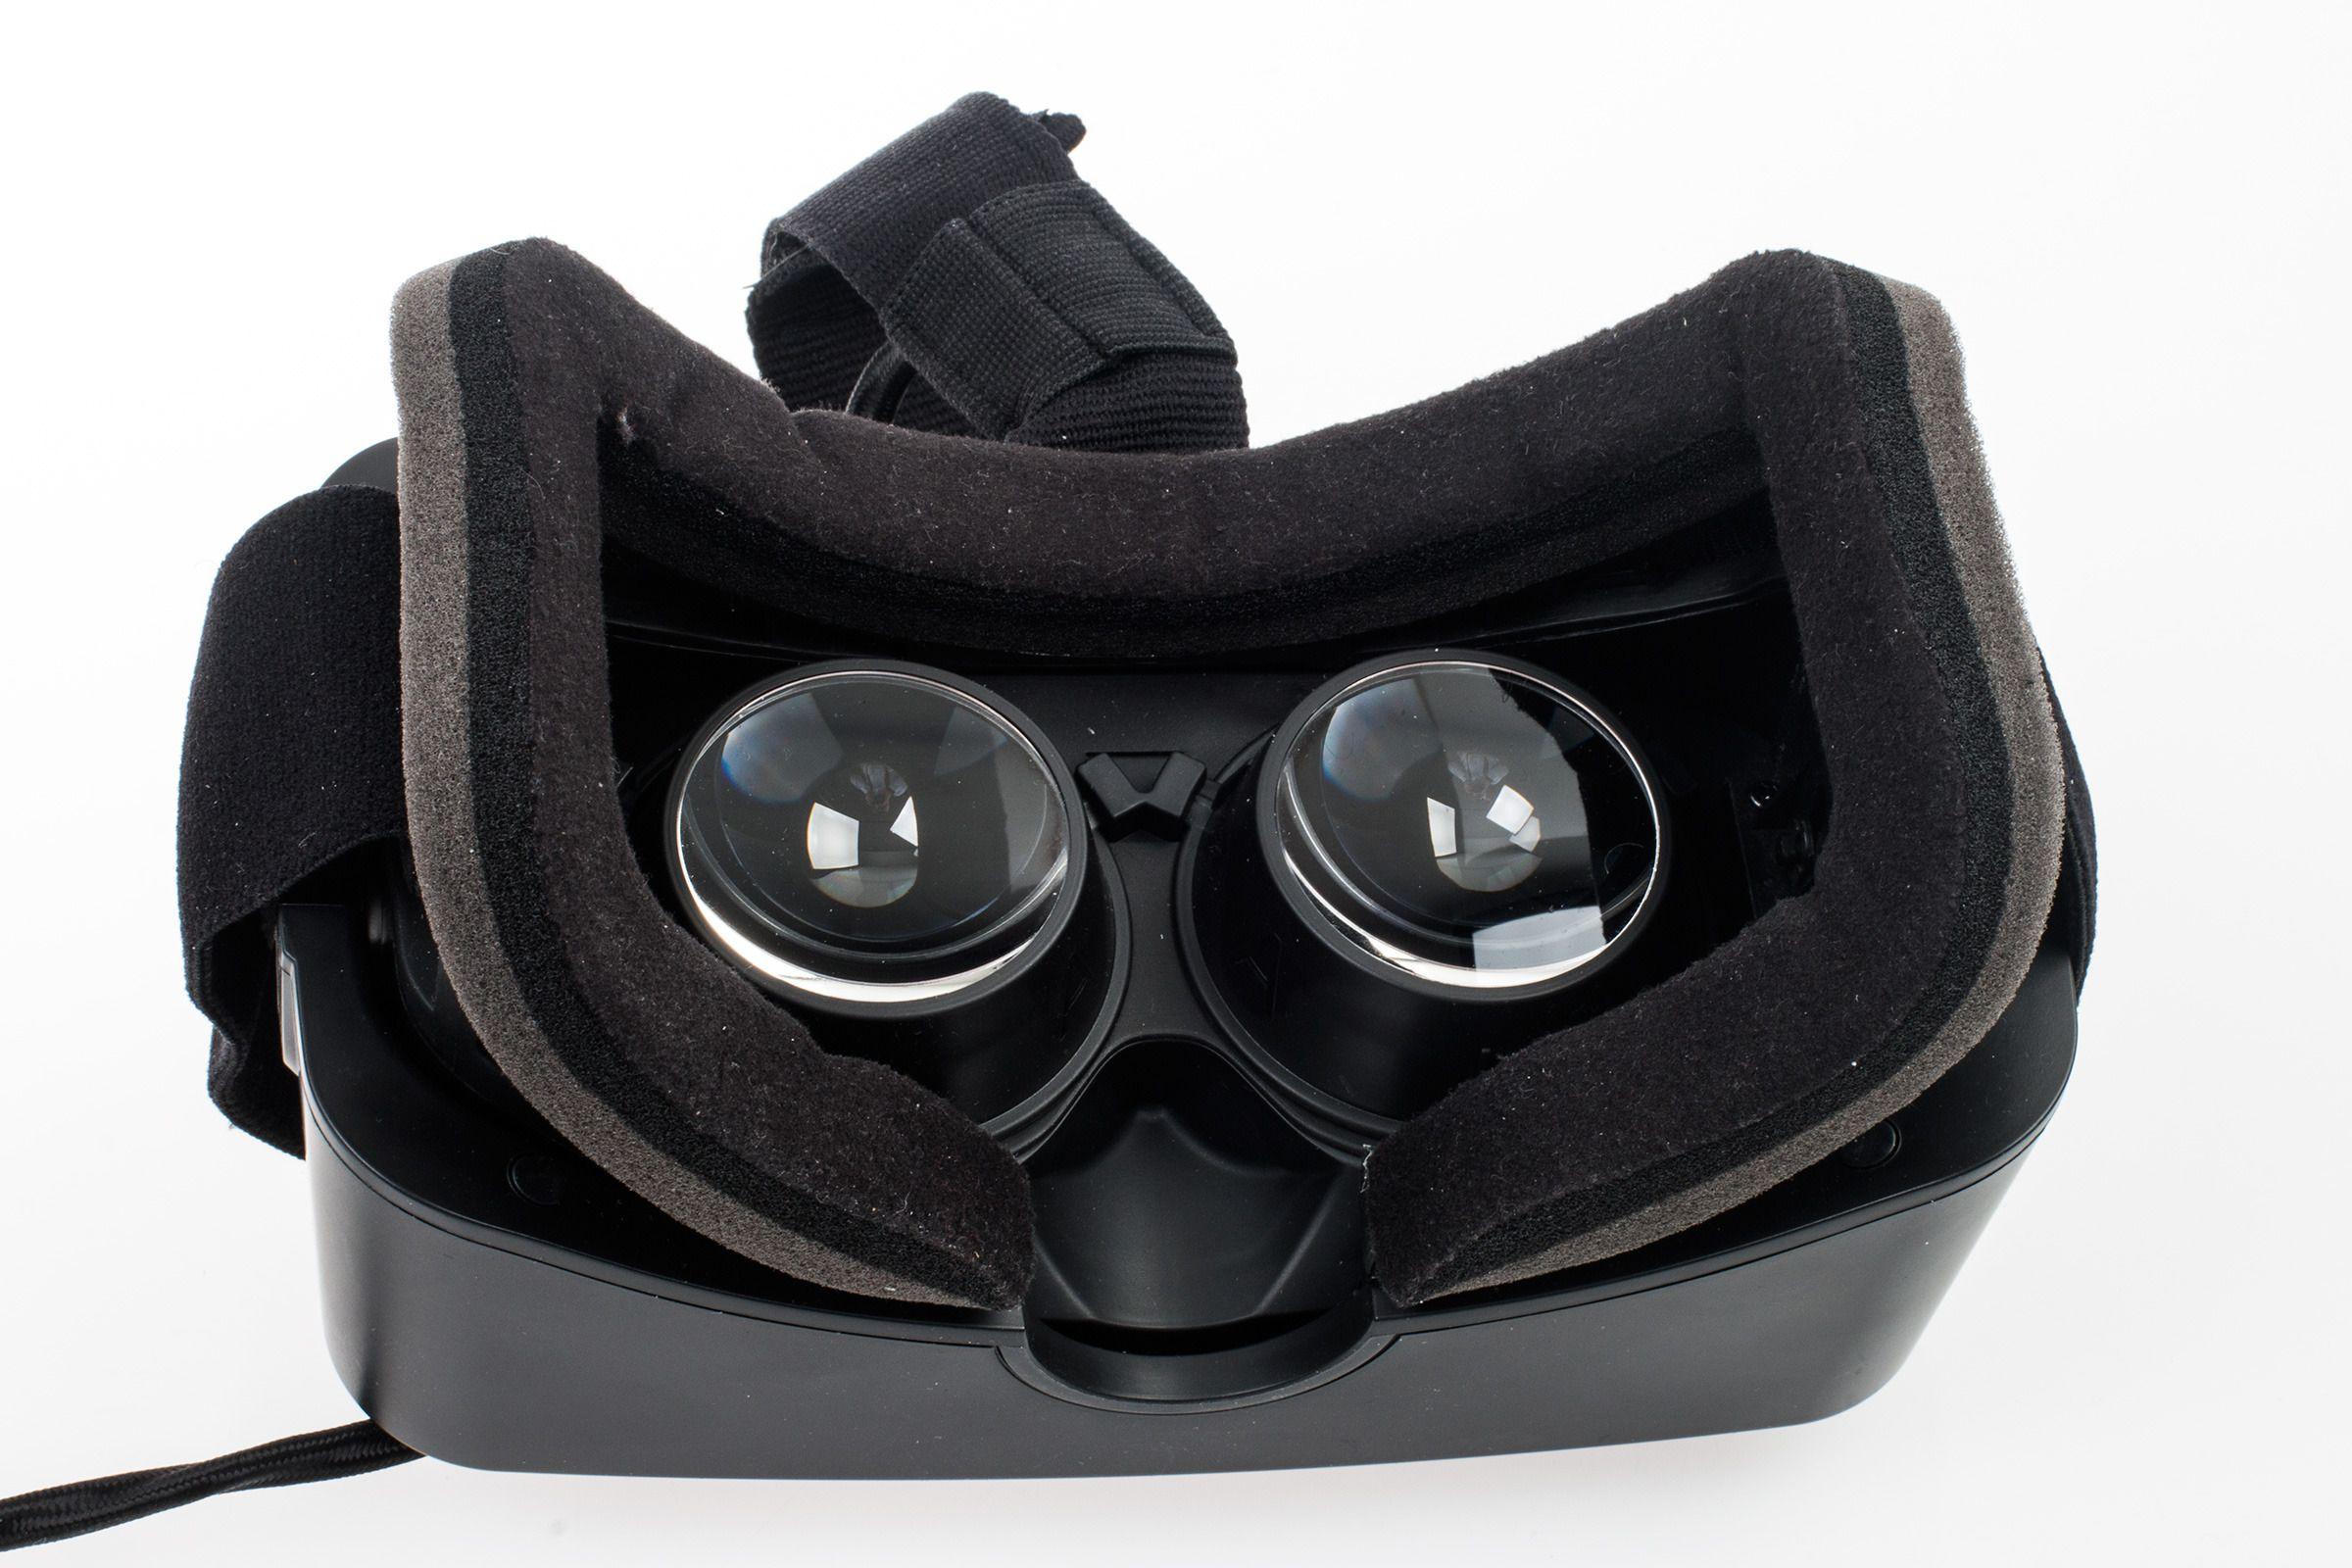 På innsiden av brillene ser ting stort sett likt ut som før, i alle fall ved første øyekast. Linsene har imidlertid fått en større diameter, og den høyoppløste OLED-skjermen skal også være fysisk krympet.Foto: Varg Aamo, Tek.no